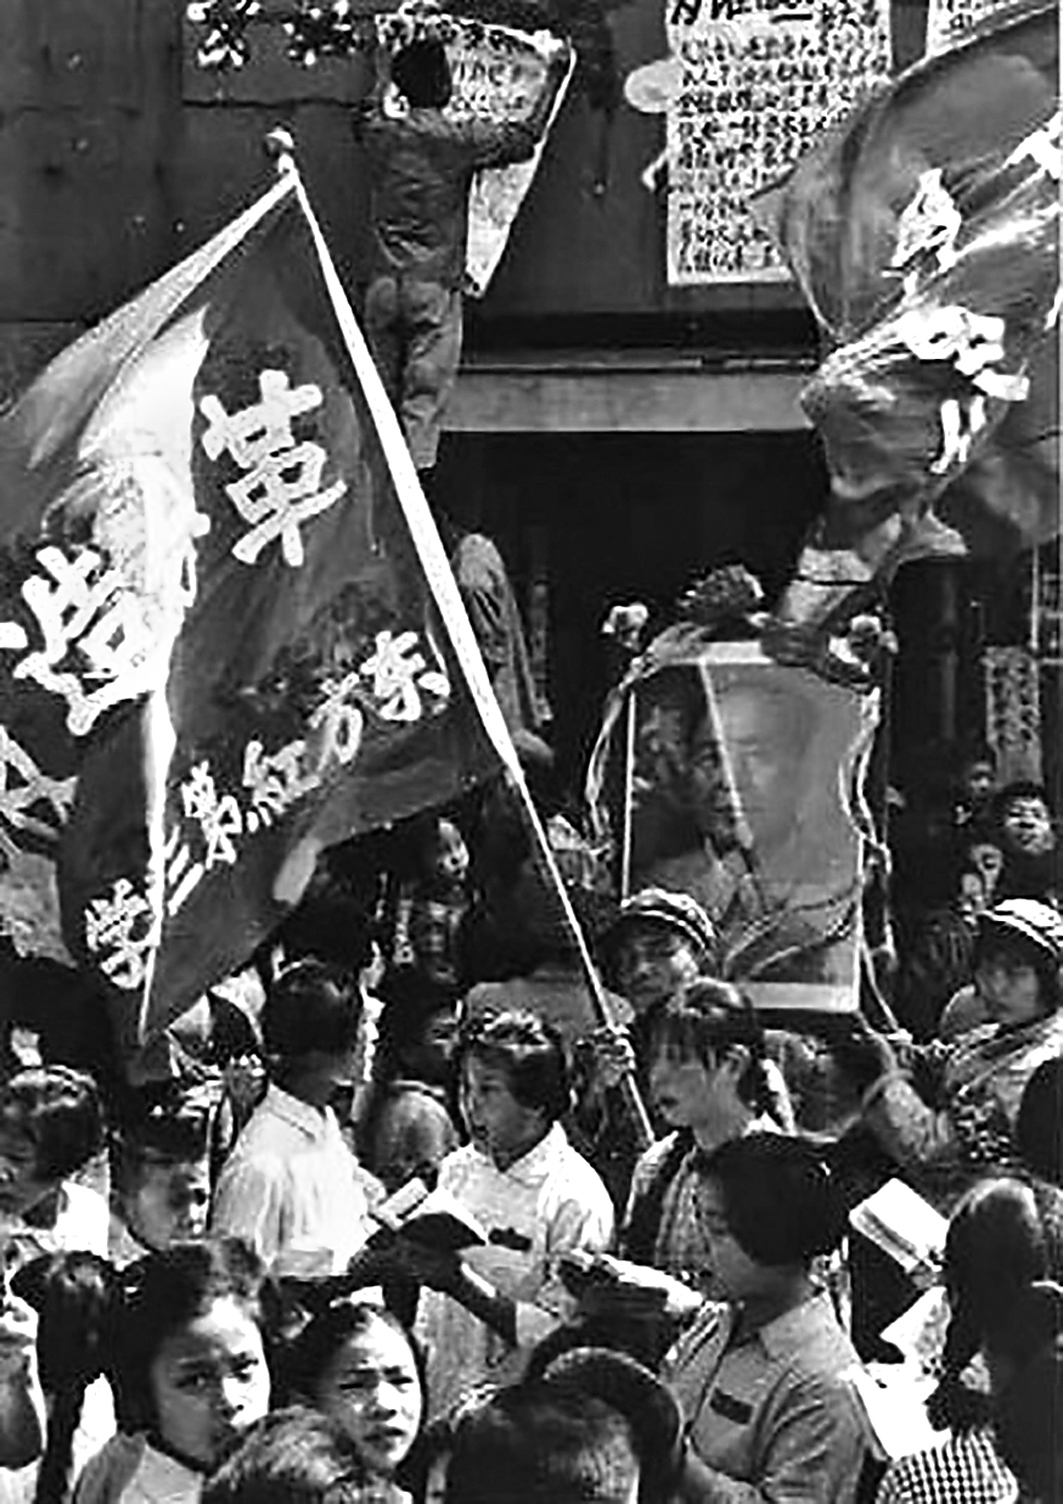 文革破「四舊」高官趁火打劫|大紀元時報 香港|獨立敢言的良心媒體